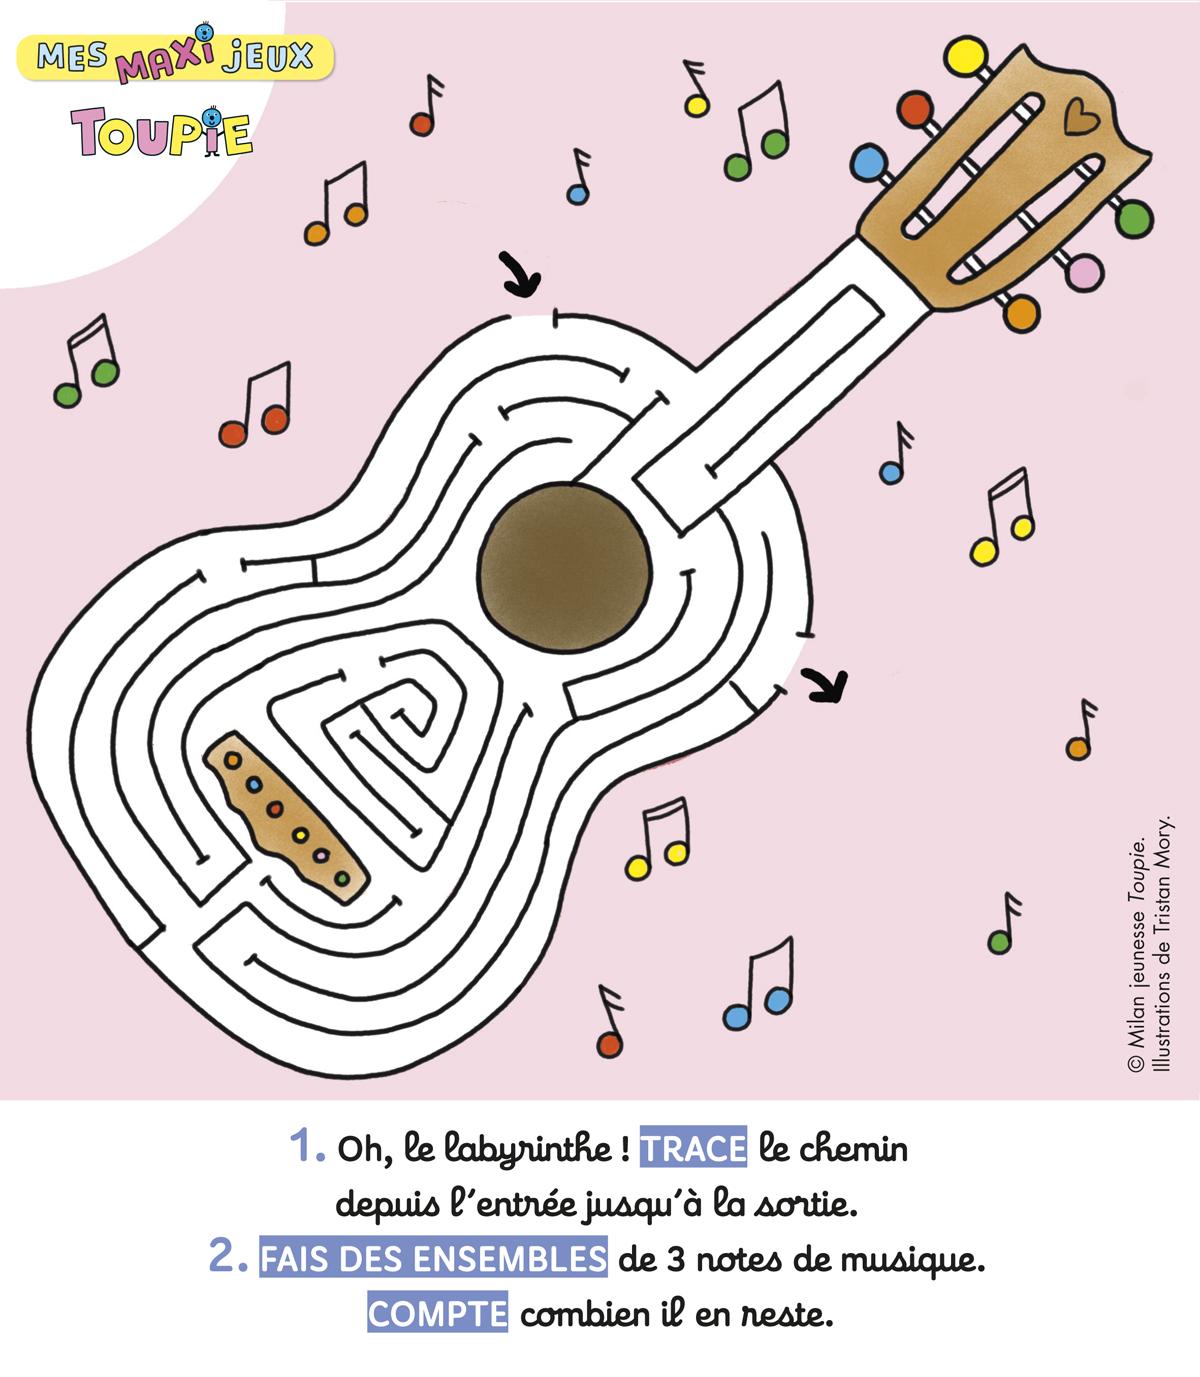 poster maxi jeux Toupie Juin n°405